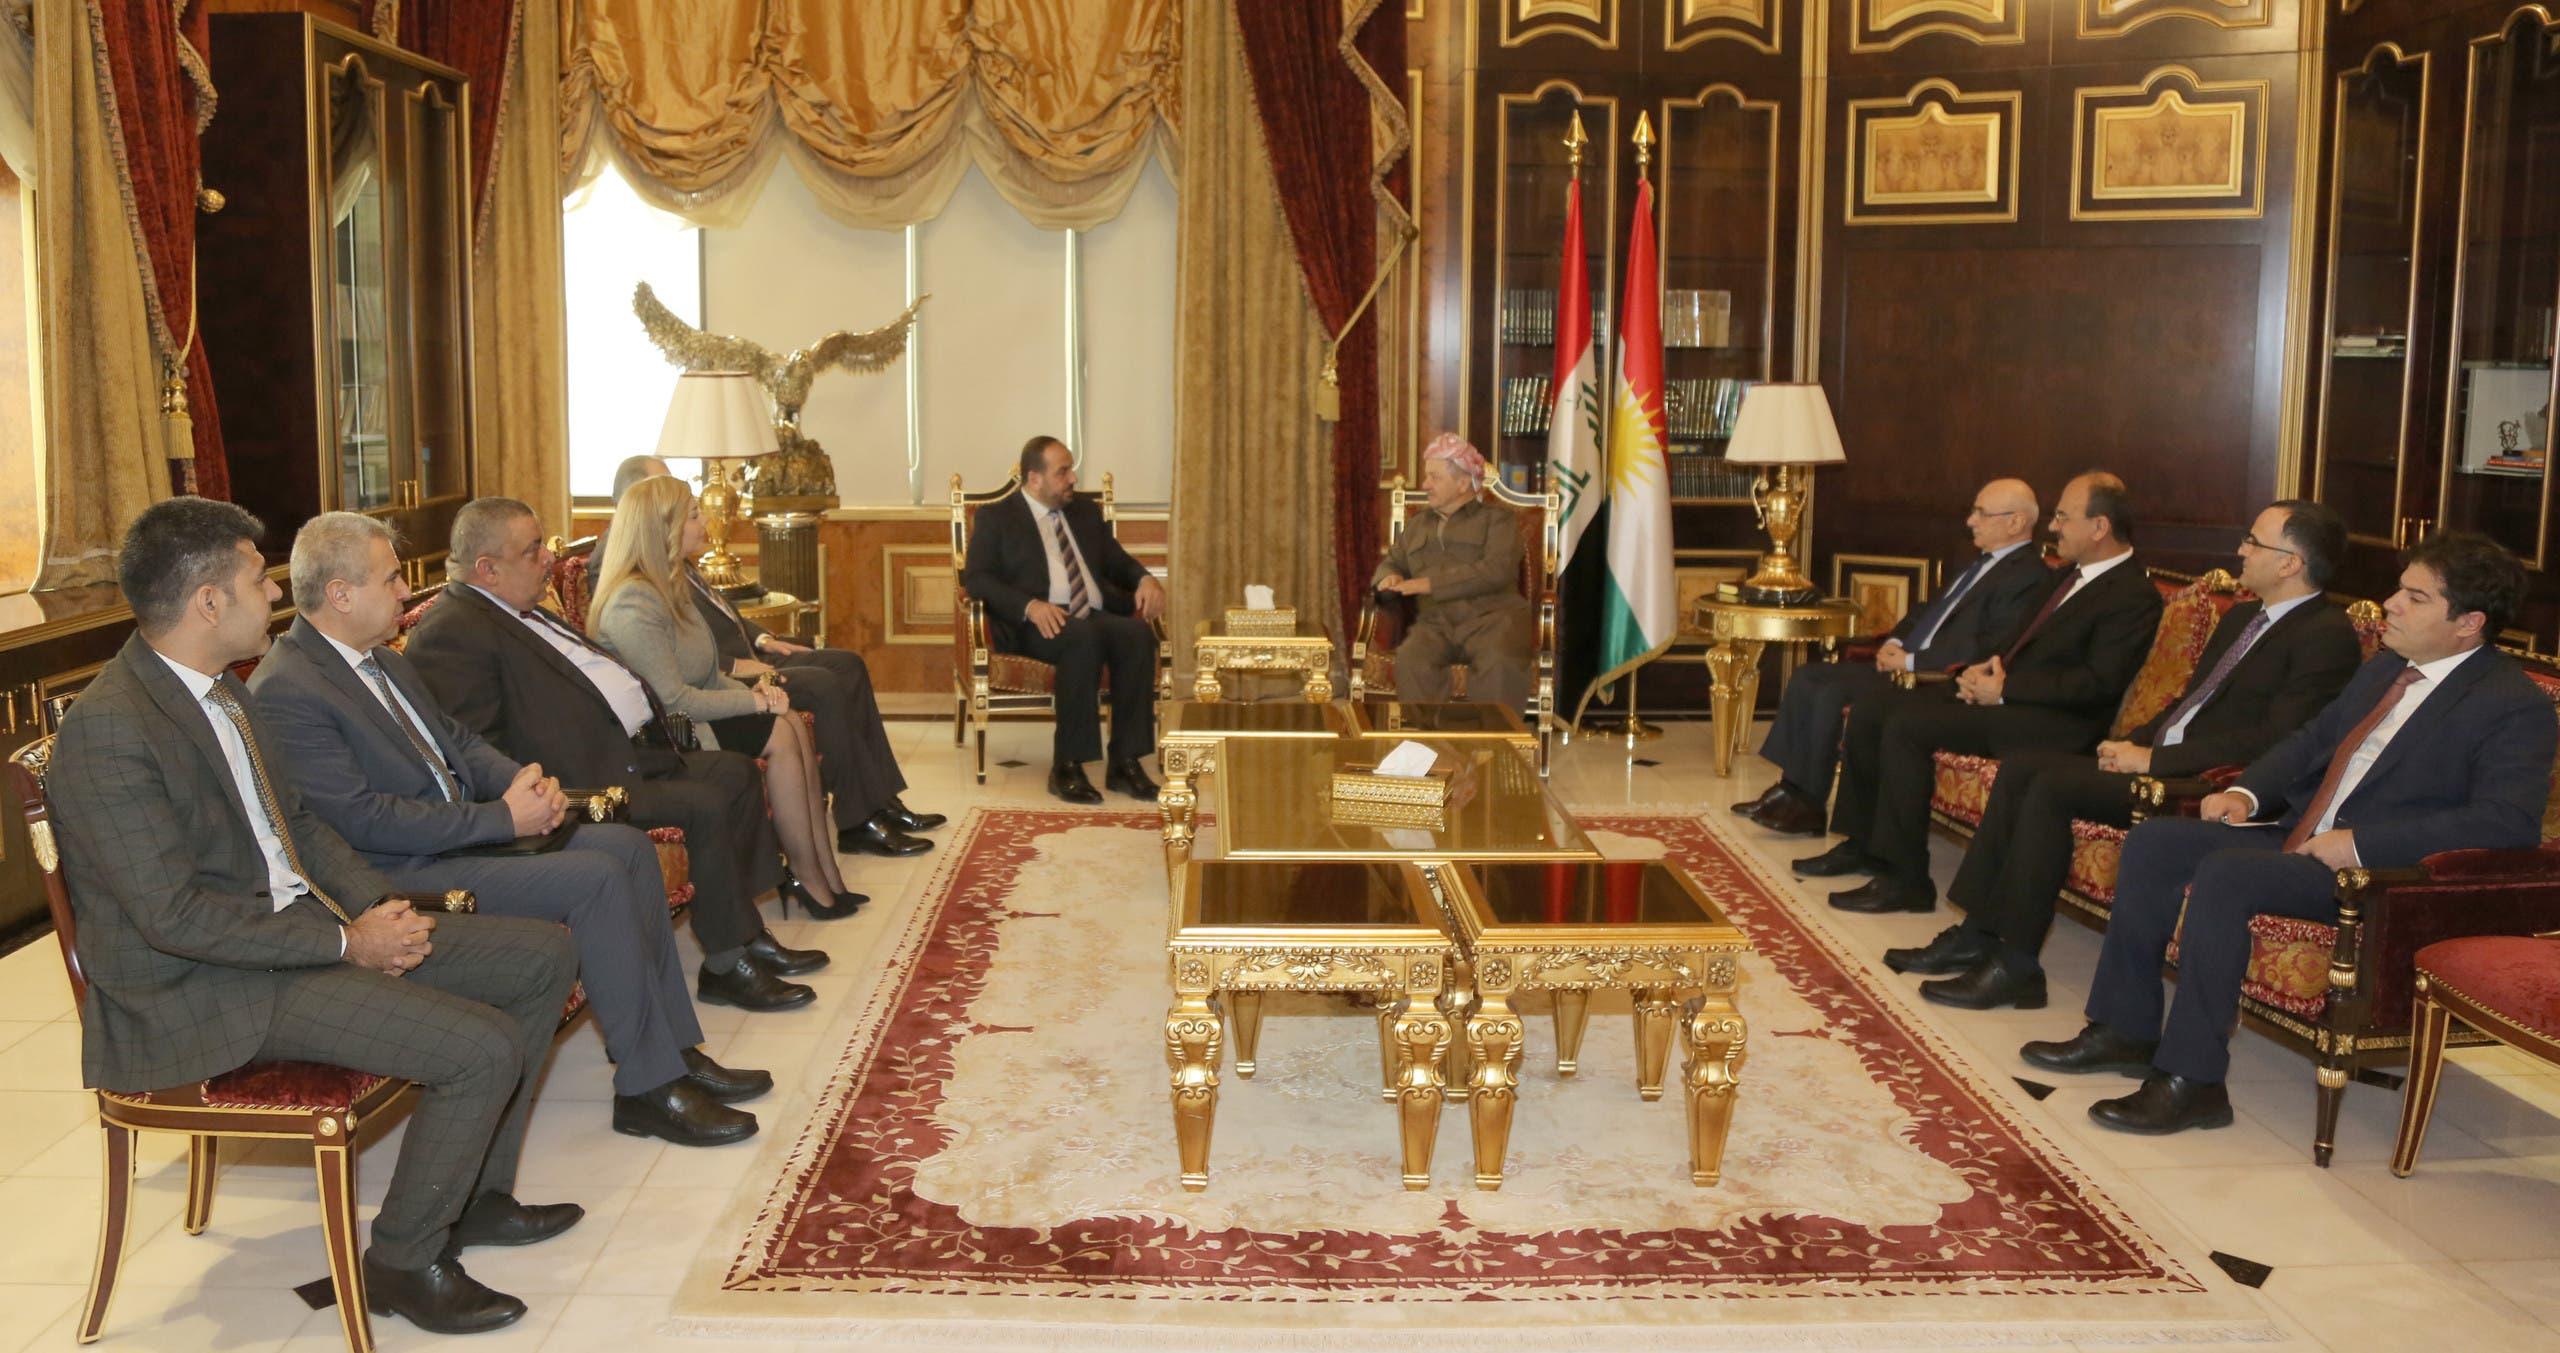 البارزاني خلال اجتماعه مع الوفدين في قصره بصلاح الدين